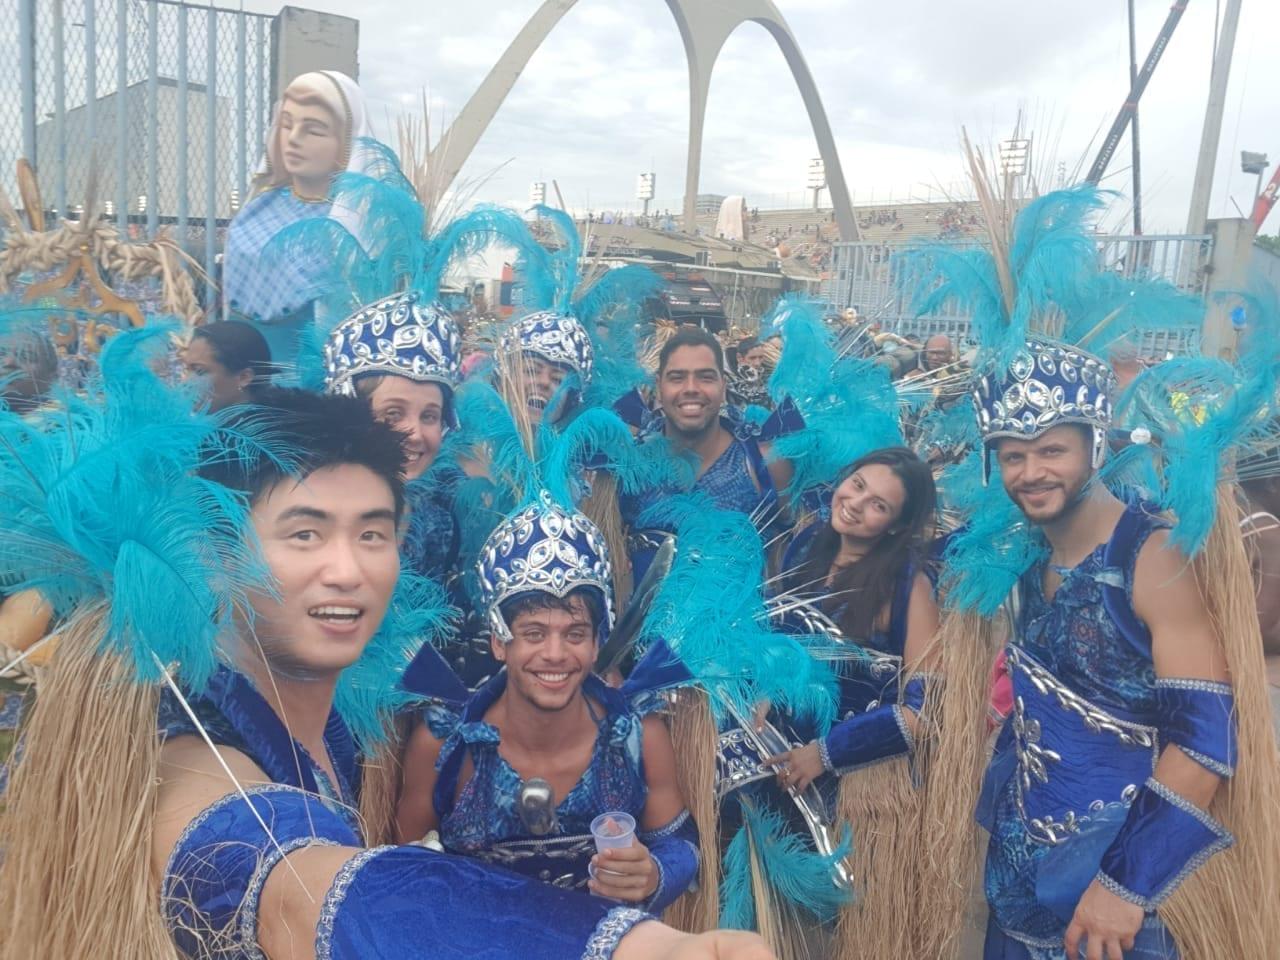 Estudantes ao fim do desfile do Carnaval do Rio 2019.